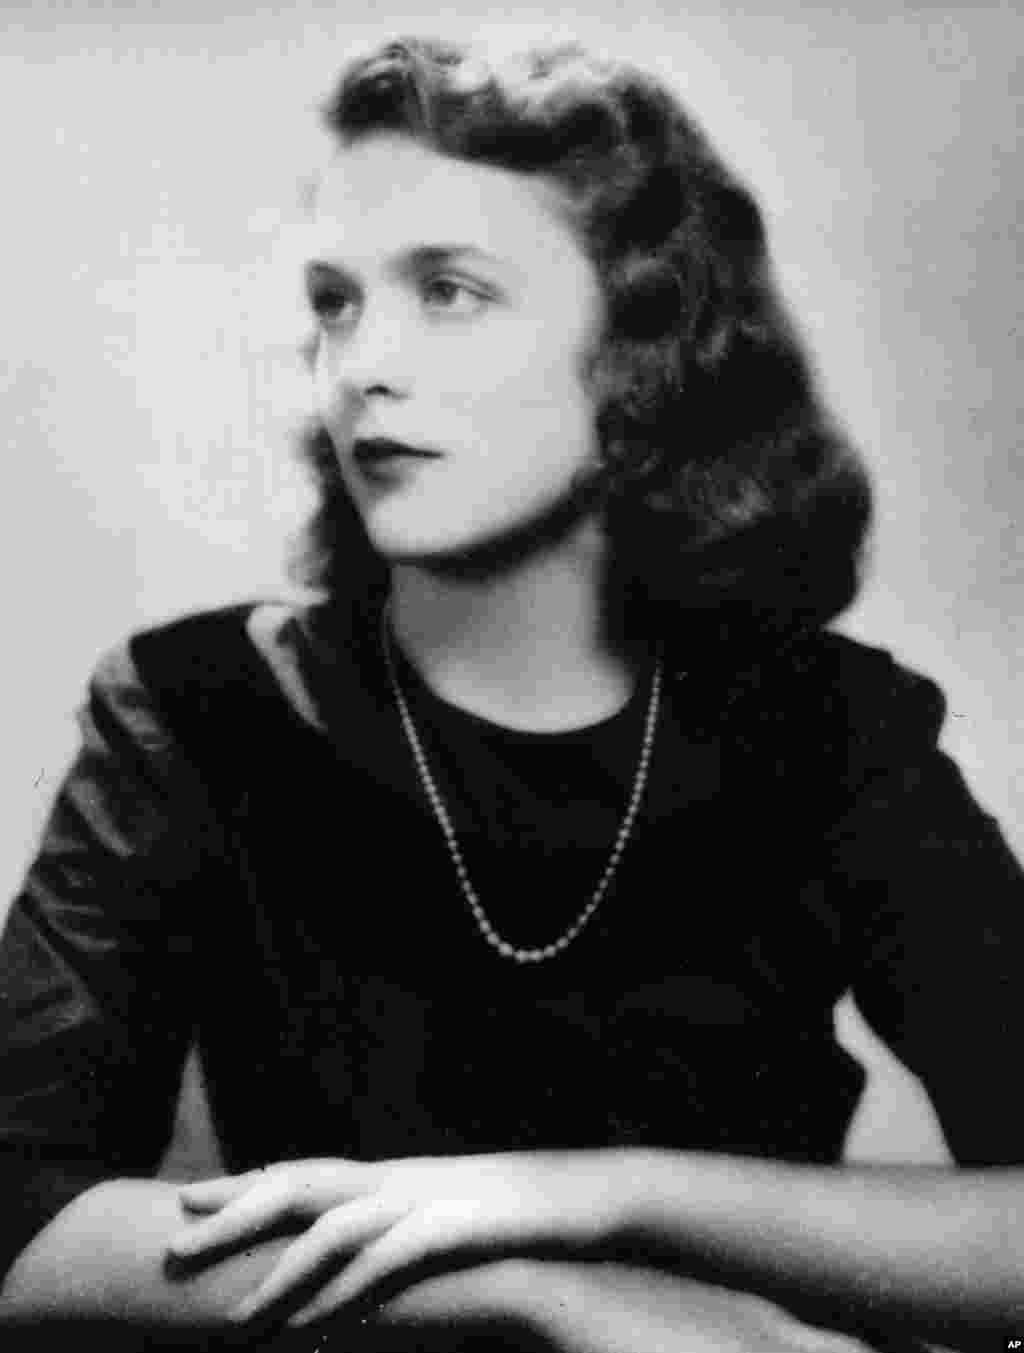 Барбара Пирс, будущая Барбара Буш, 1943 (AP Photo)